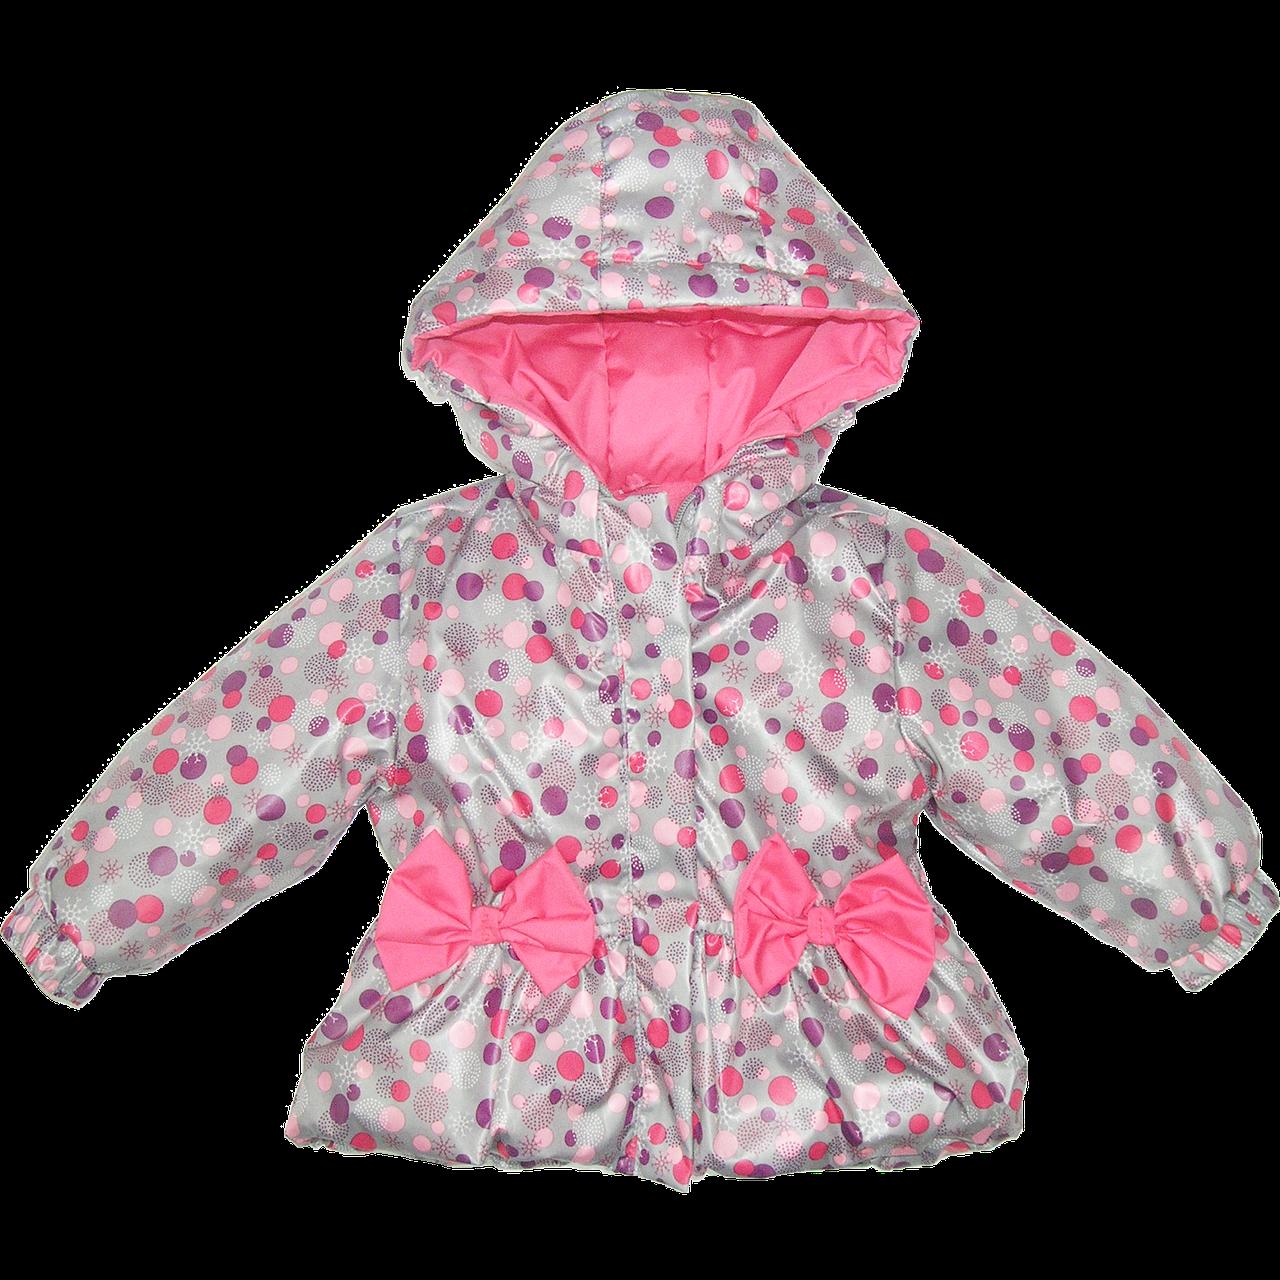 9bd0af53f045 Детская весенняя, осенняя куртка р. 92 на флисе и холлофайбере 2082 ...